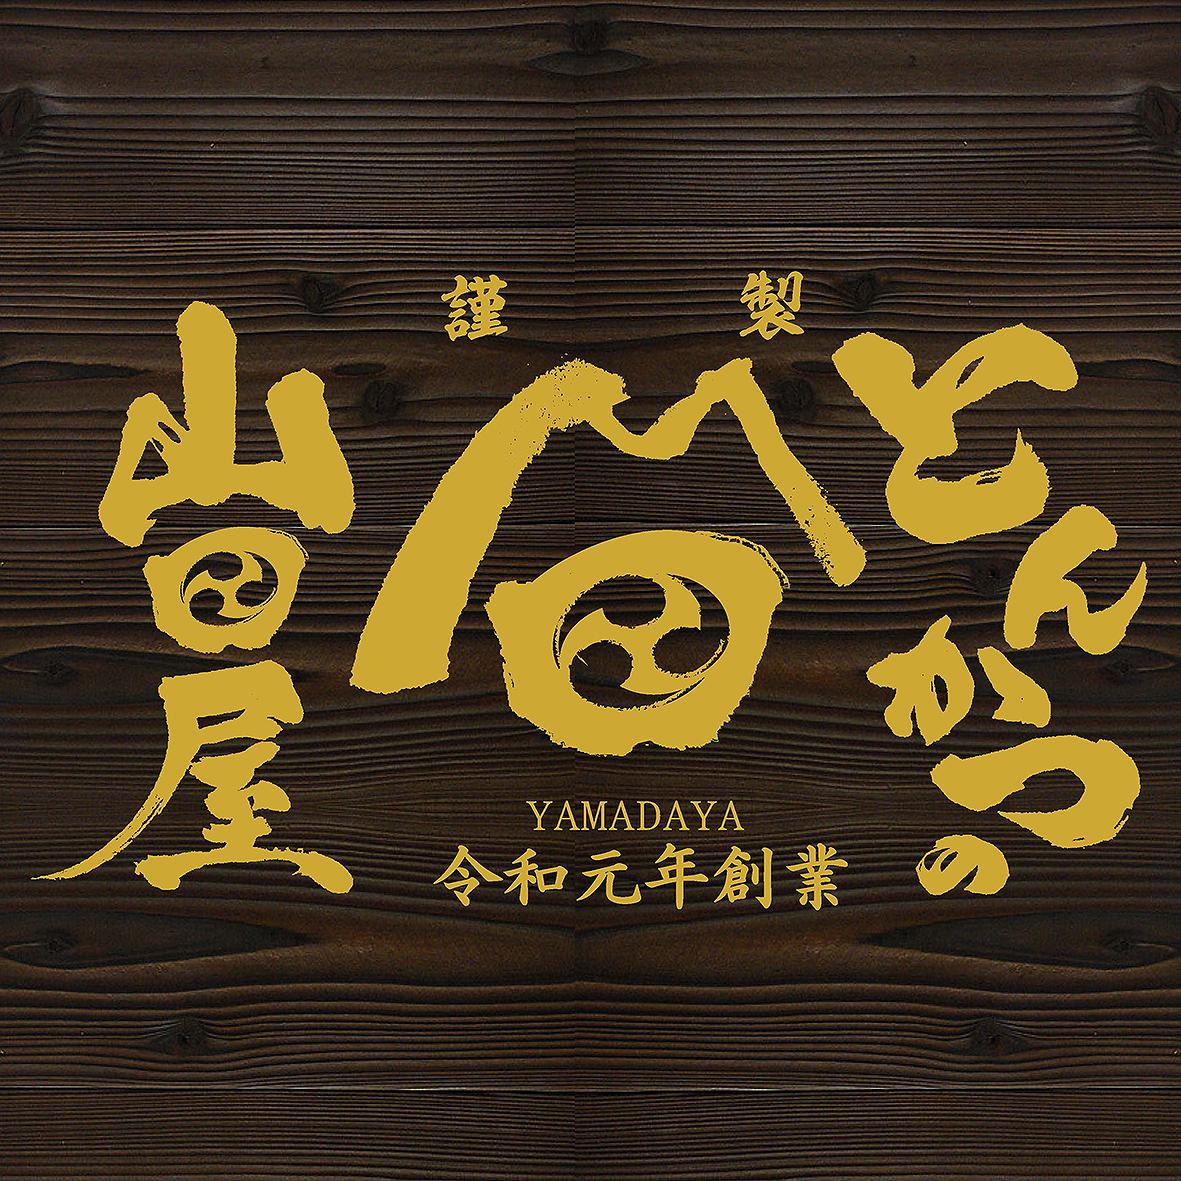 とんかつの山田屋ロゴ